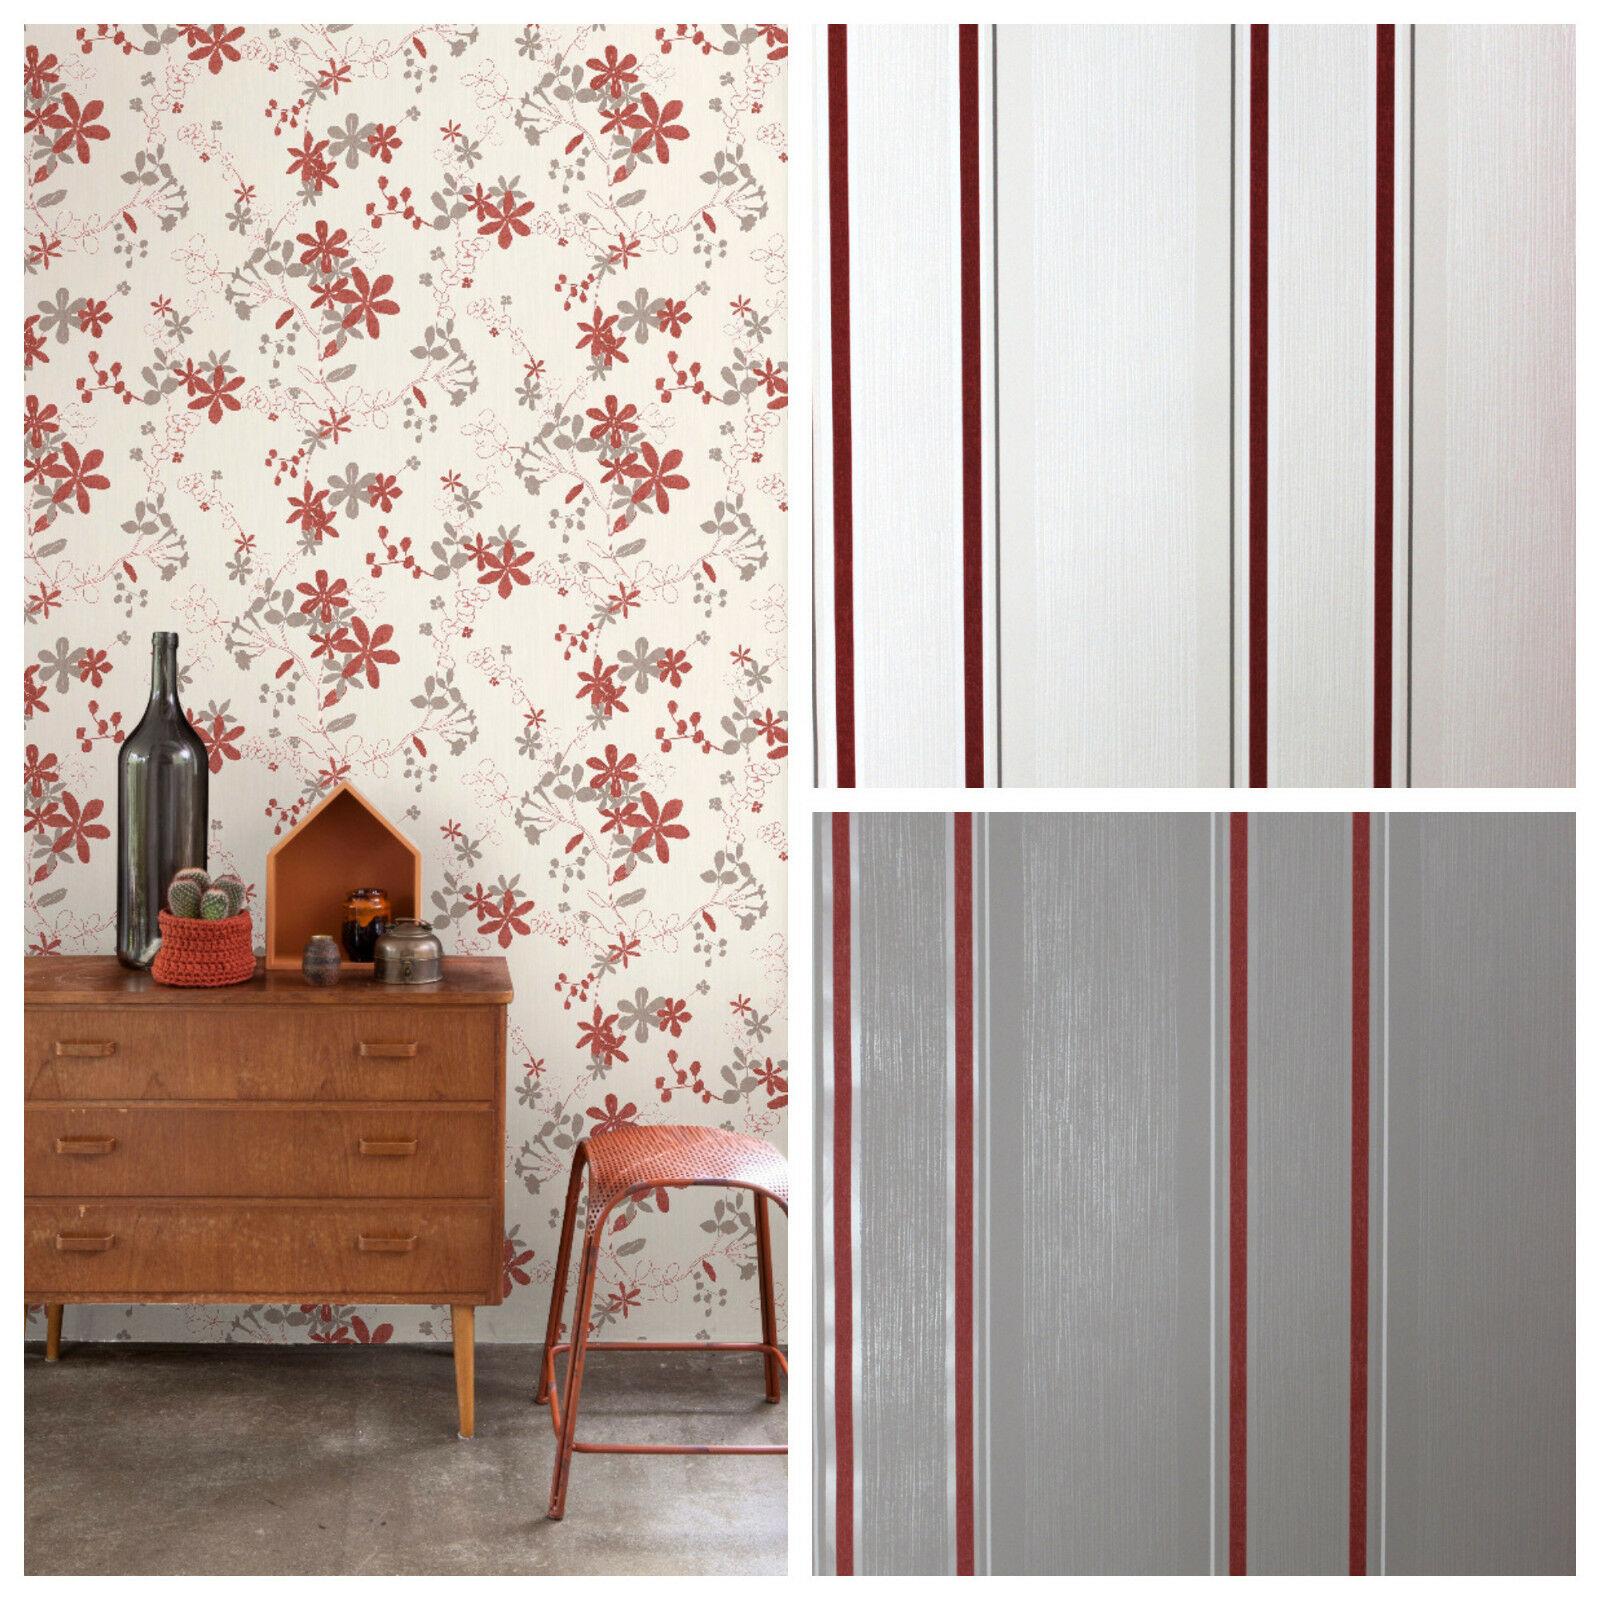 Vlies Tapete Florales Blumen Muster Weiß Rot Grau Streifen Uni